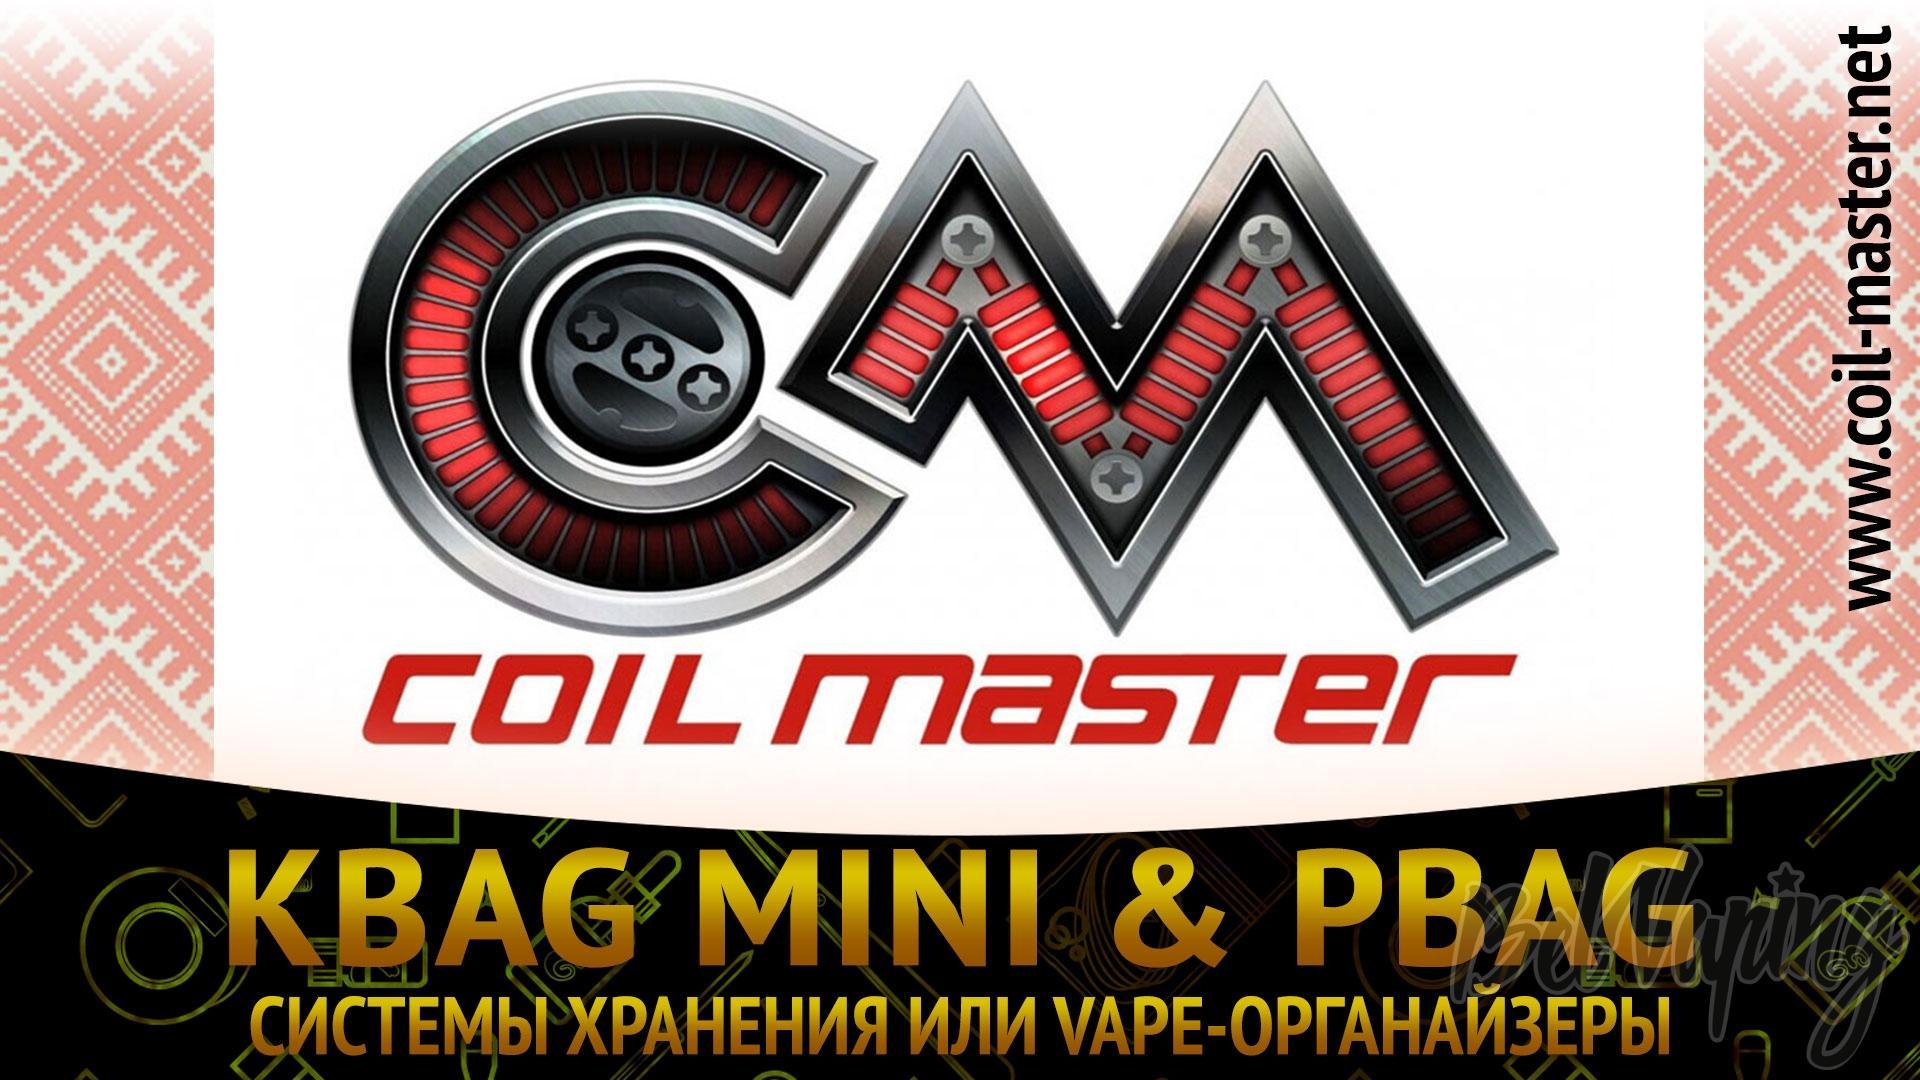 Обзор сумок Pbag и KBag mini от Coil Master